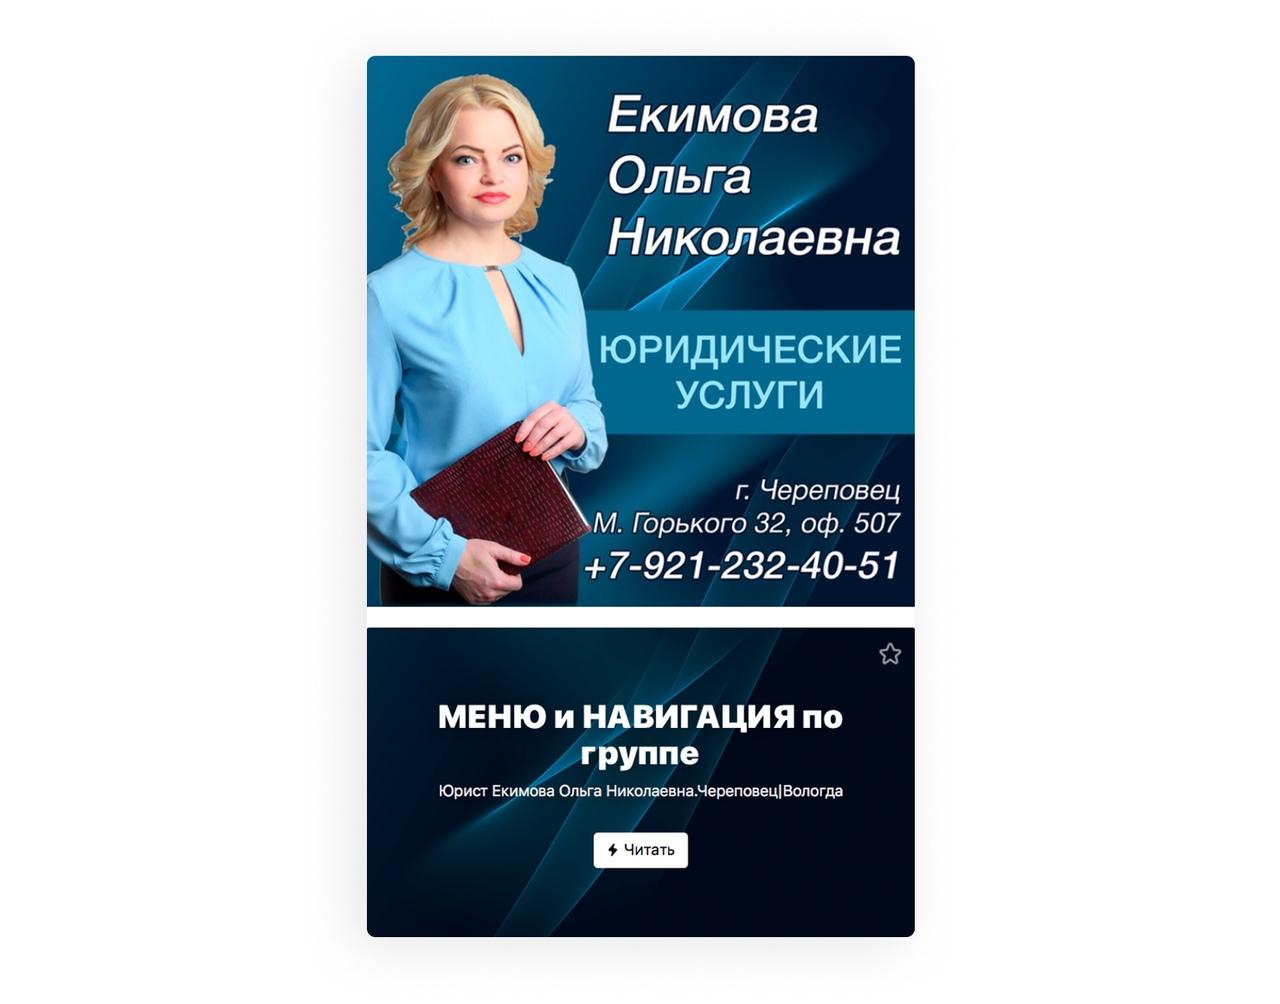 Как юрист Ольга Екимова ведёт бизнес ВКонтакте, изображение №3